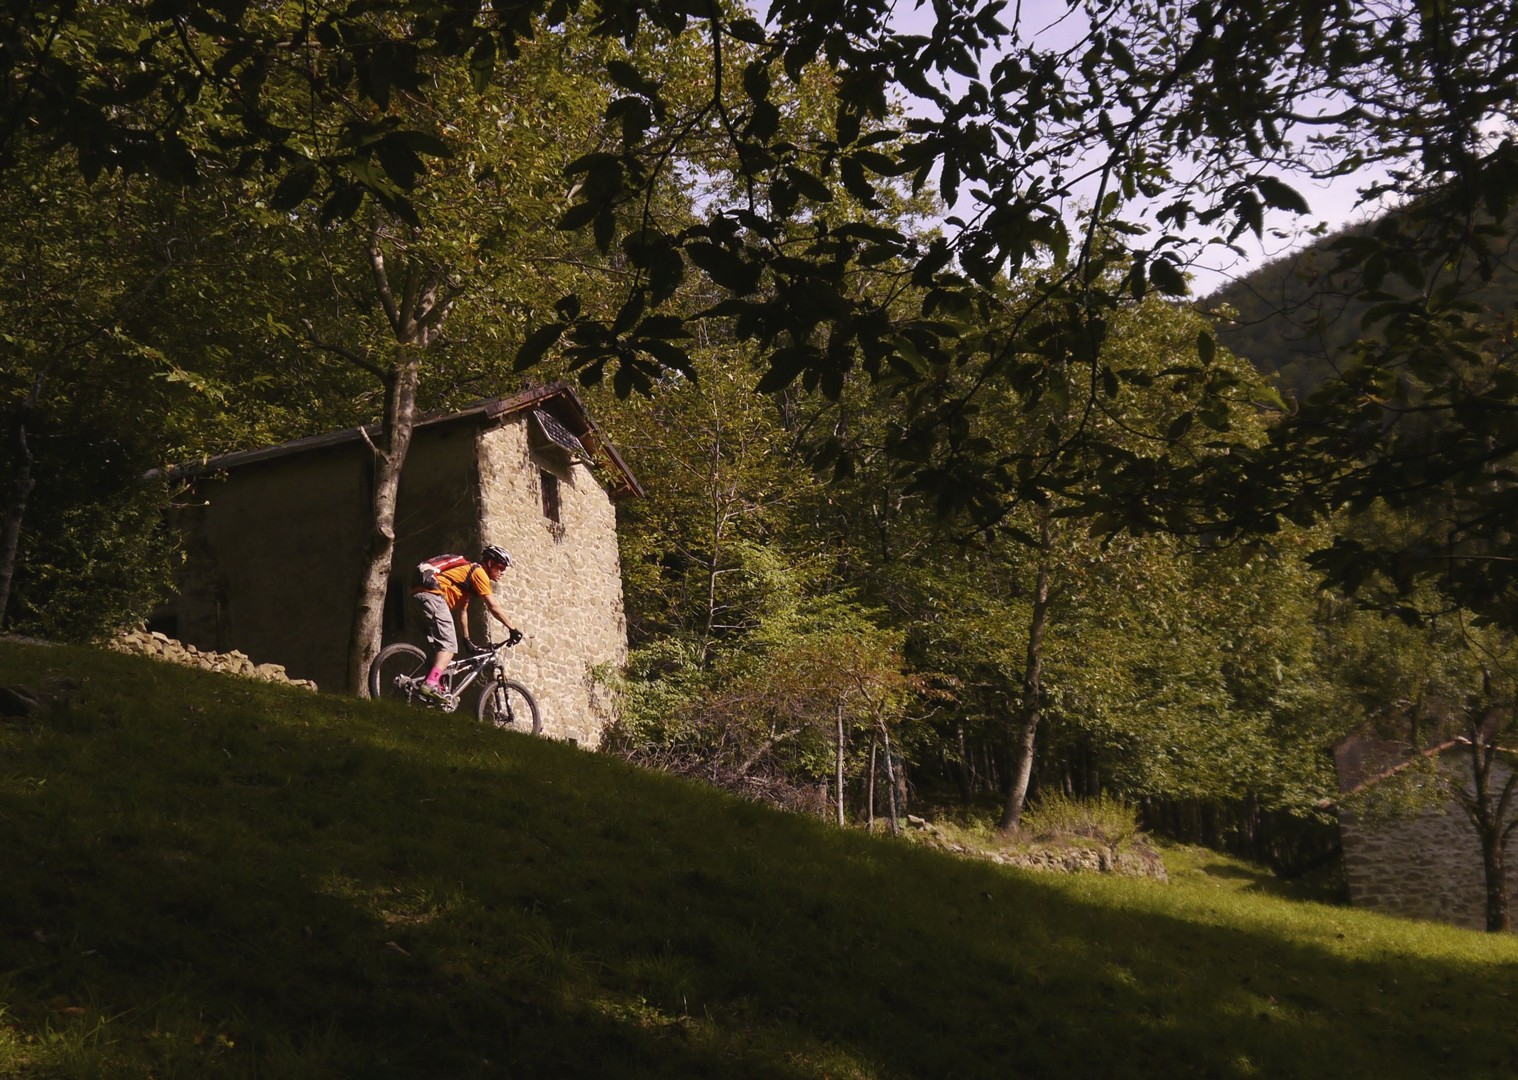 mountain-biking-holiday-italy-tuscany-francegina.jpg - Italy - Via Francigena (Tuscany to Rome) - Guided Mountain Biking Holiday - Mountain Biking